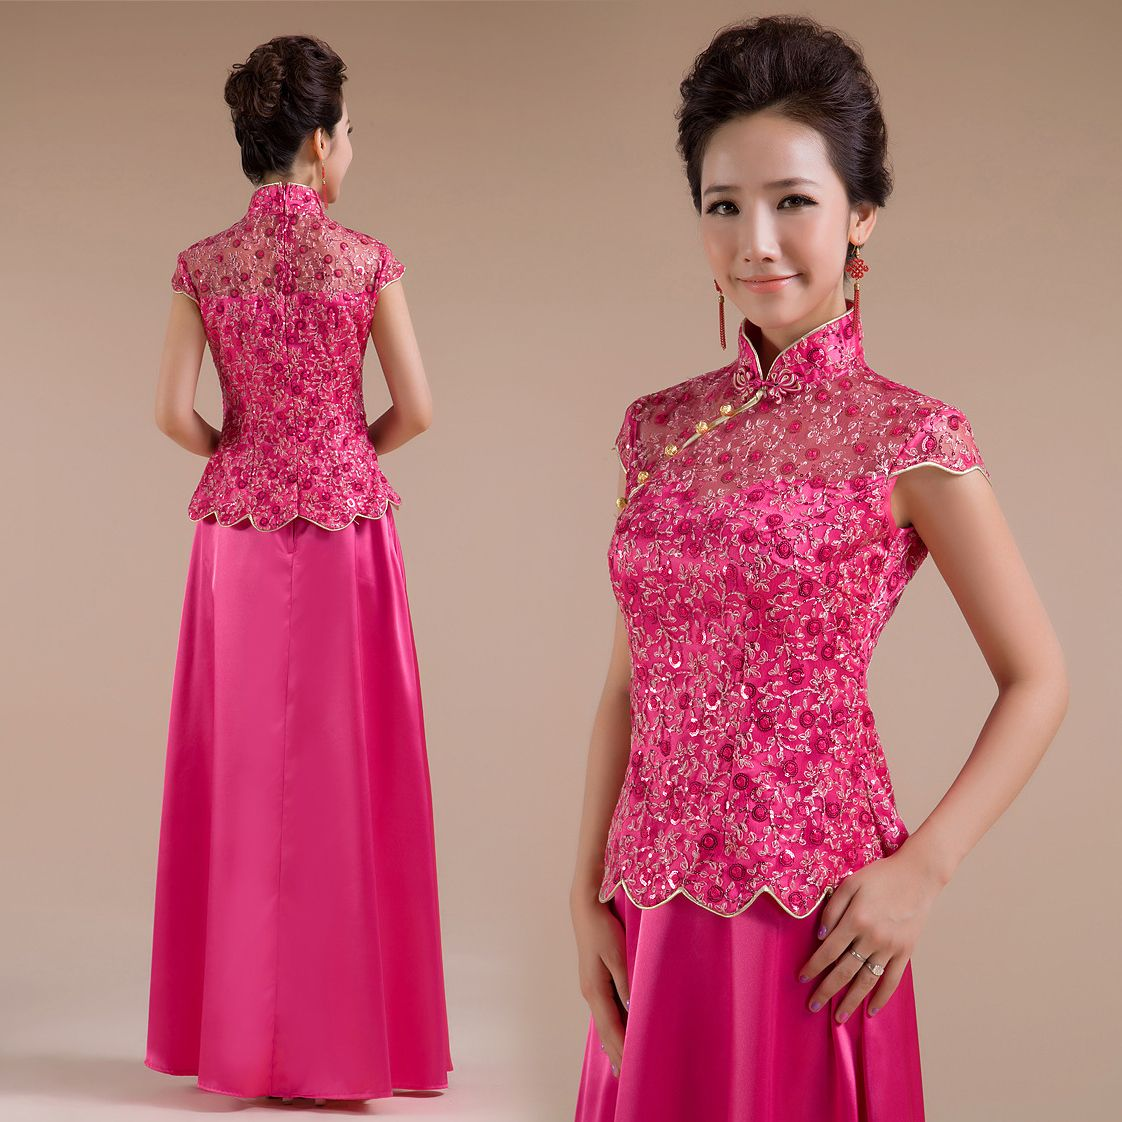 pink cheongsam dress - Google Search | My Closet | Pinterest